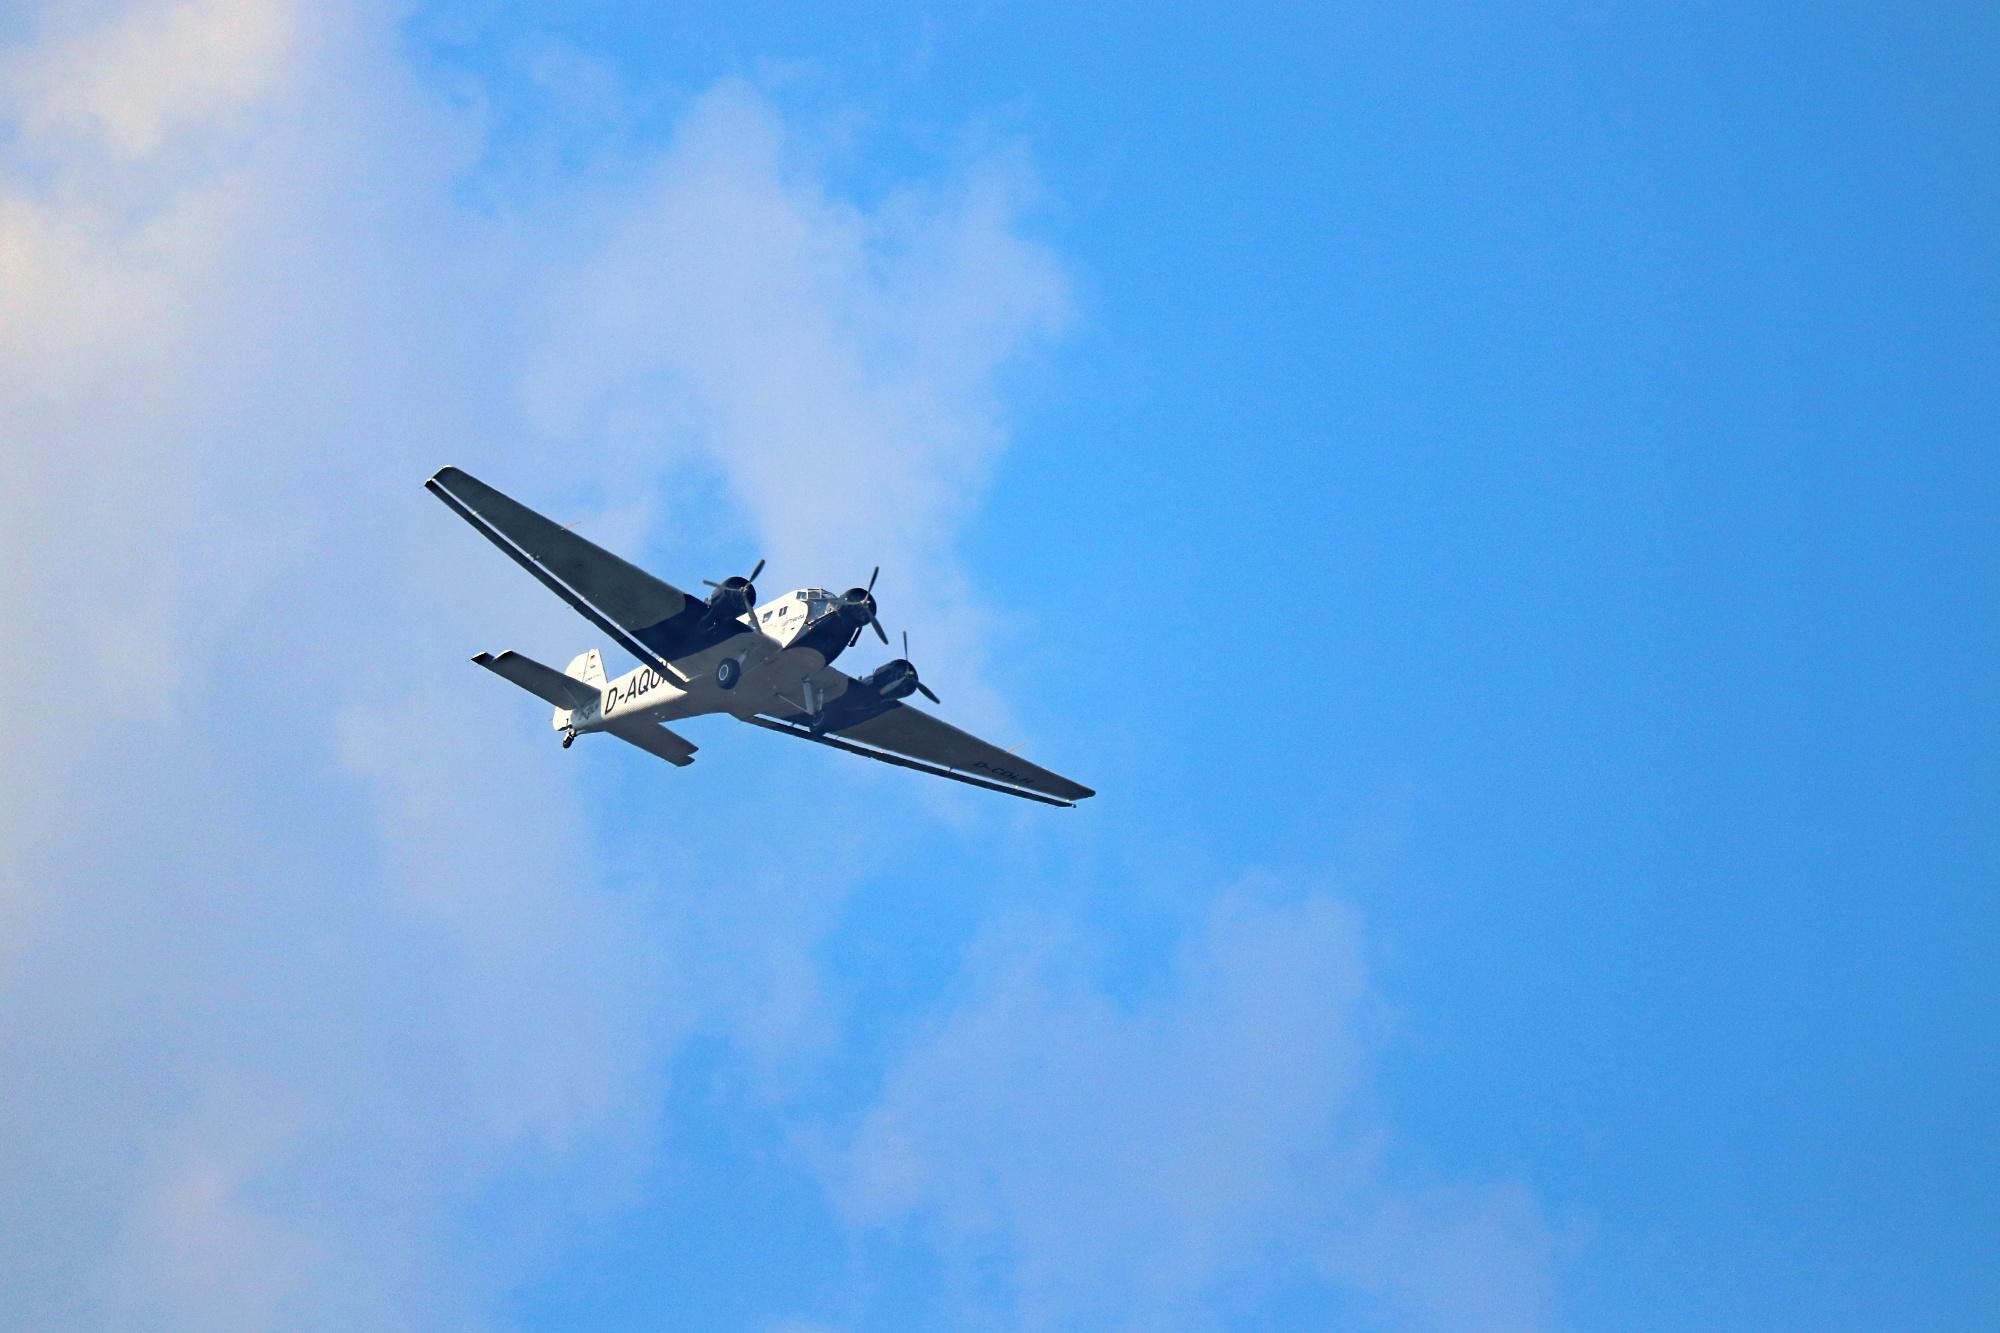 Junkers Ju 52/3m, seitlich von vorne